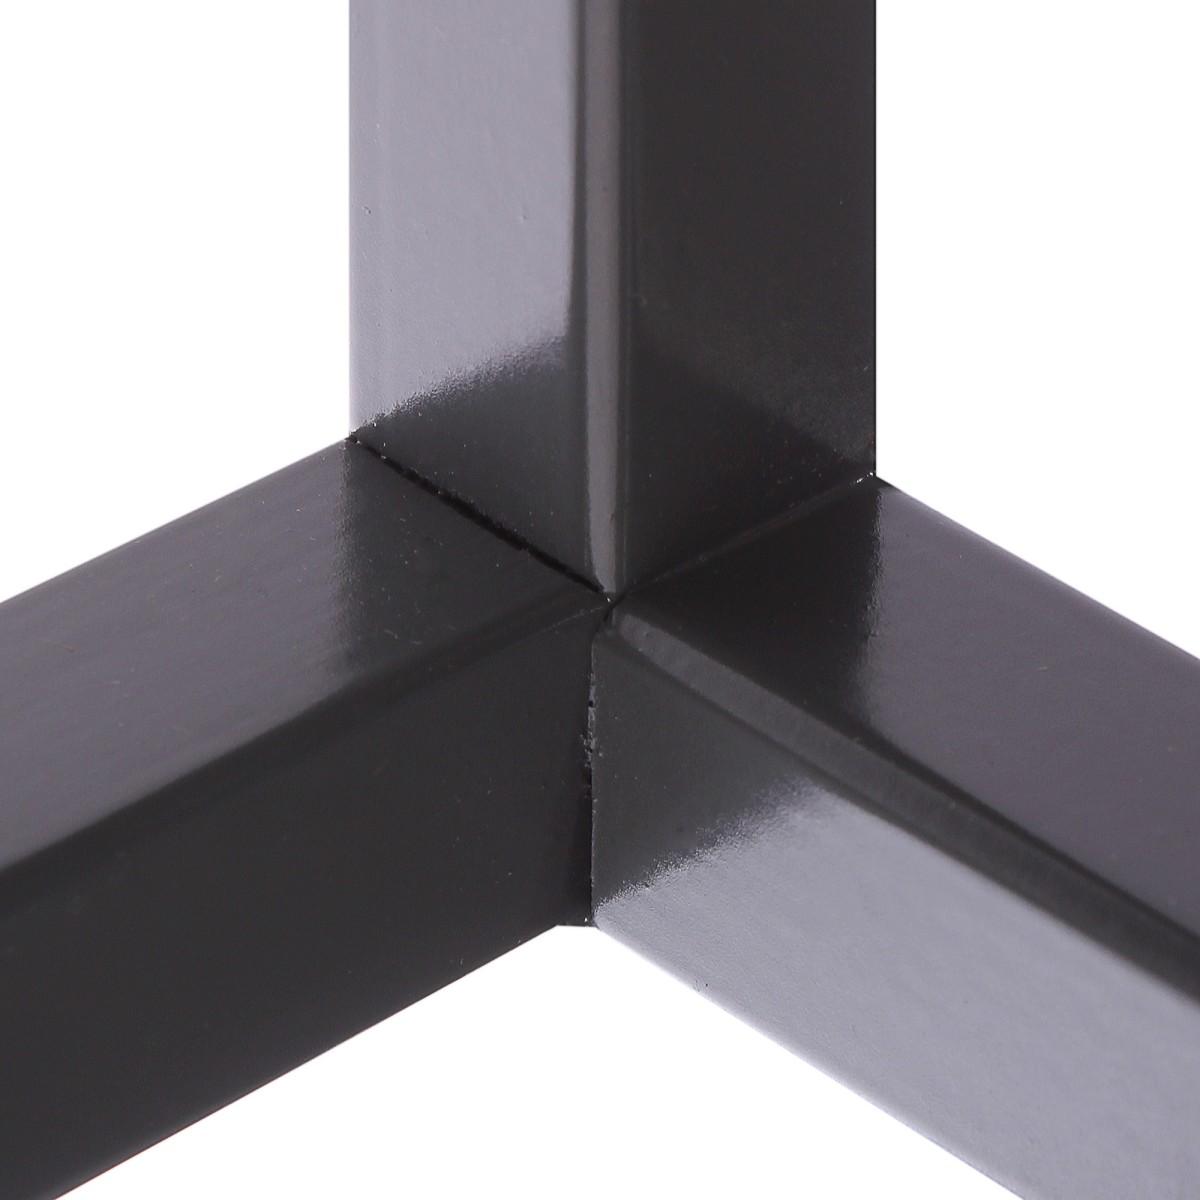 Кронейн Подвесной Для Столешницы 1195Х450Х250 Цвет Серый